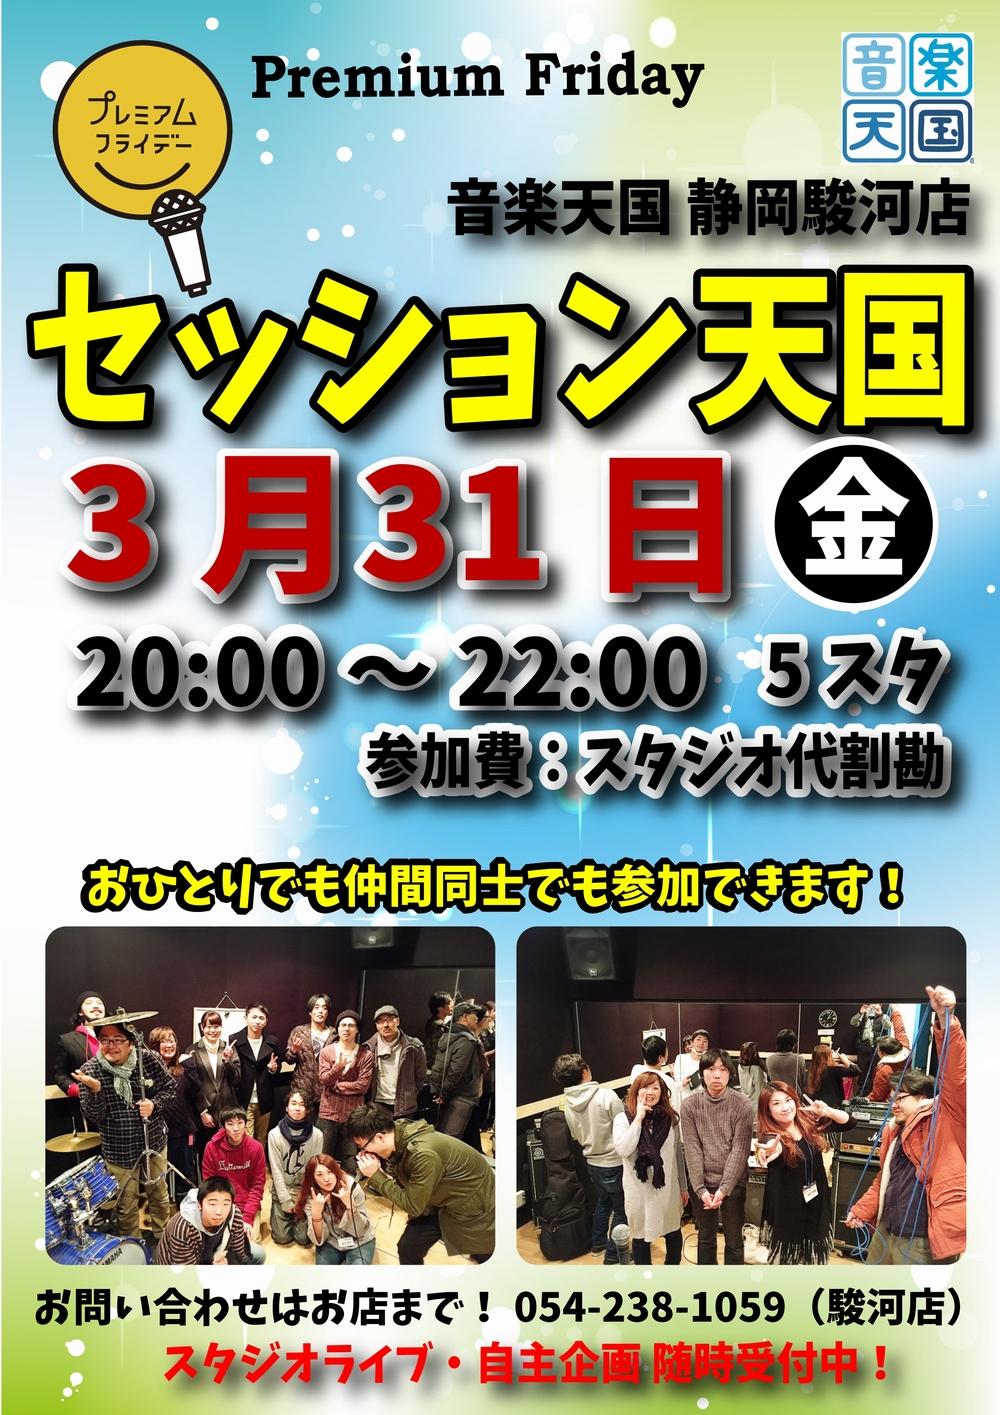 【セッション天国】音楽天国・静岡駿河店3月31日(金)プレミアムフライデー開催!